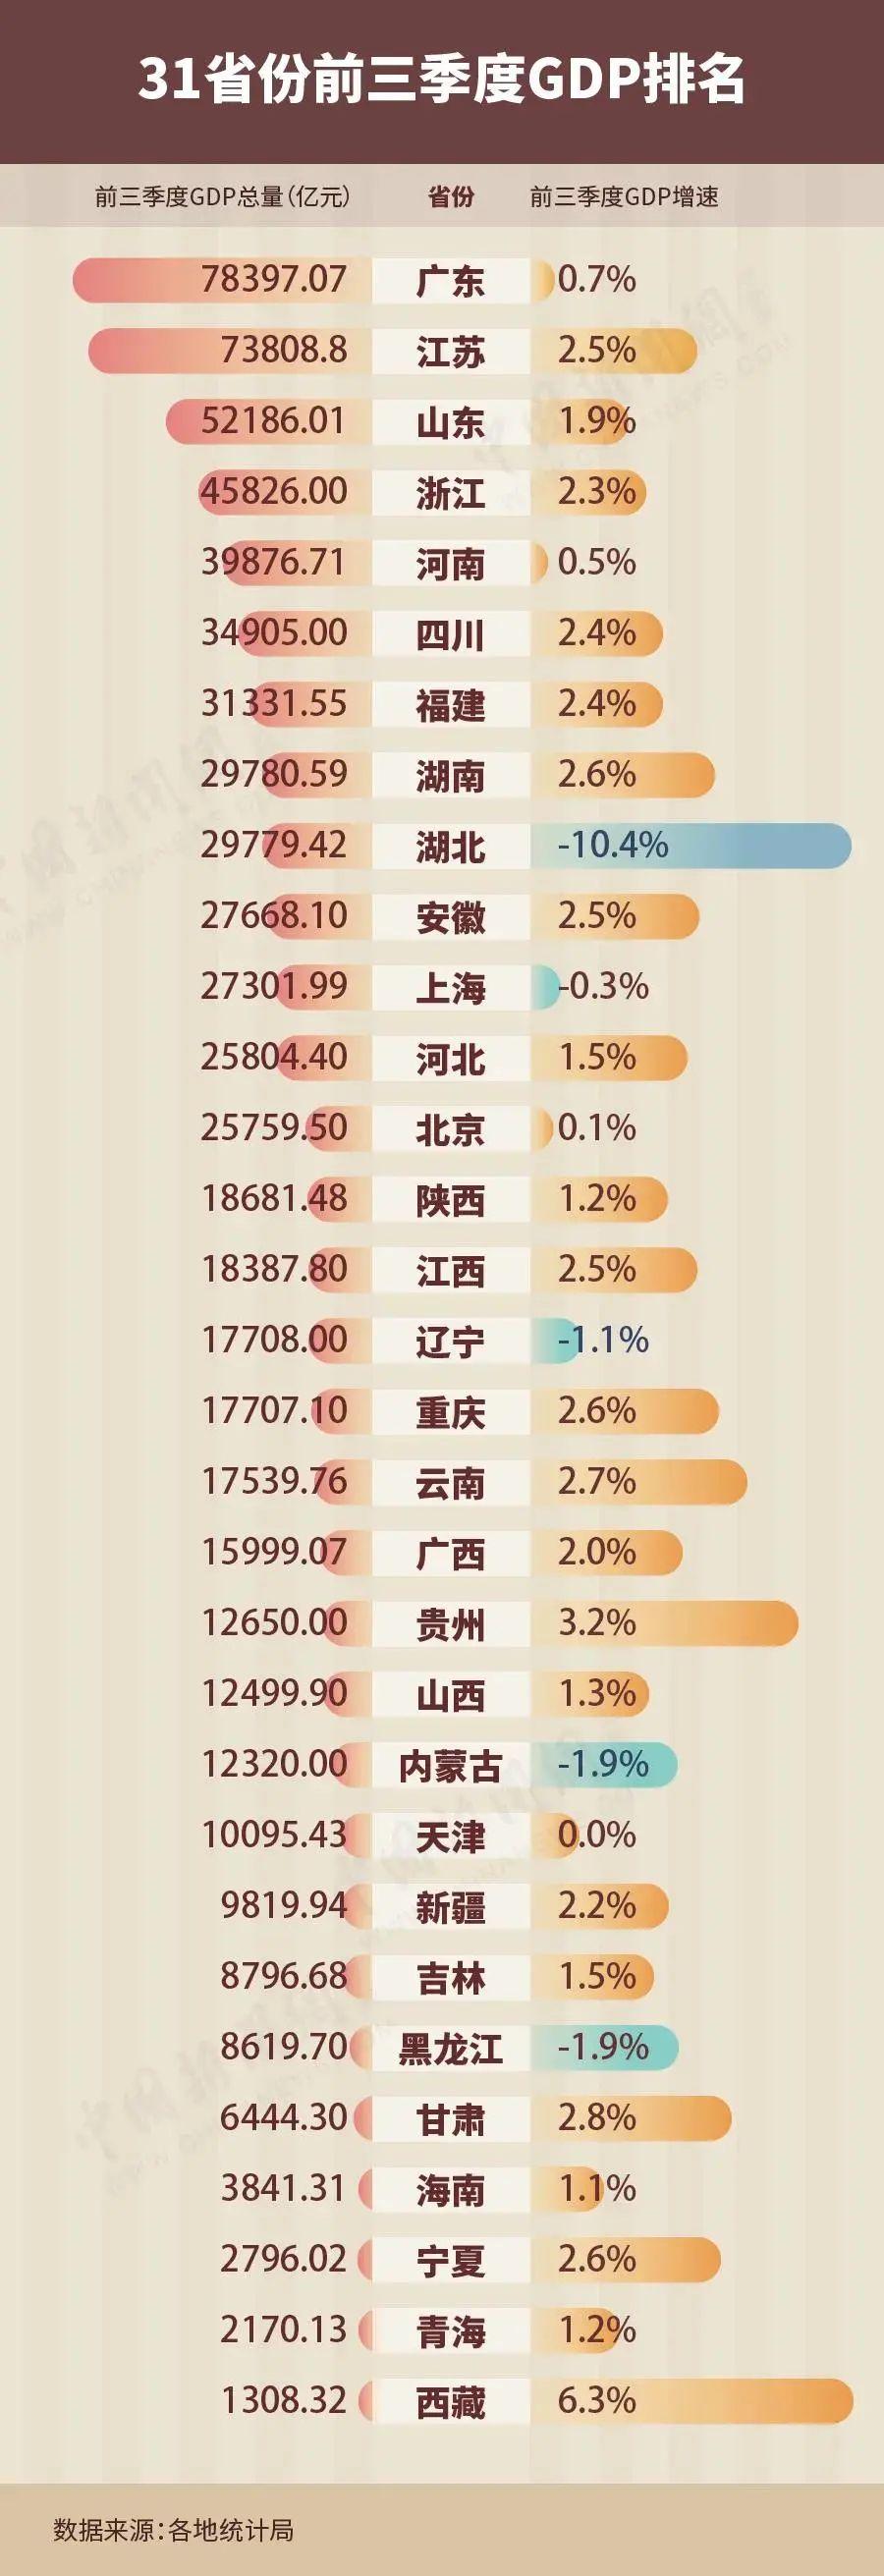 云南gdp排名2019_云南各市GDP排名2020年排行榜(完整版)2020年云南各市GDP排行榜